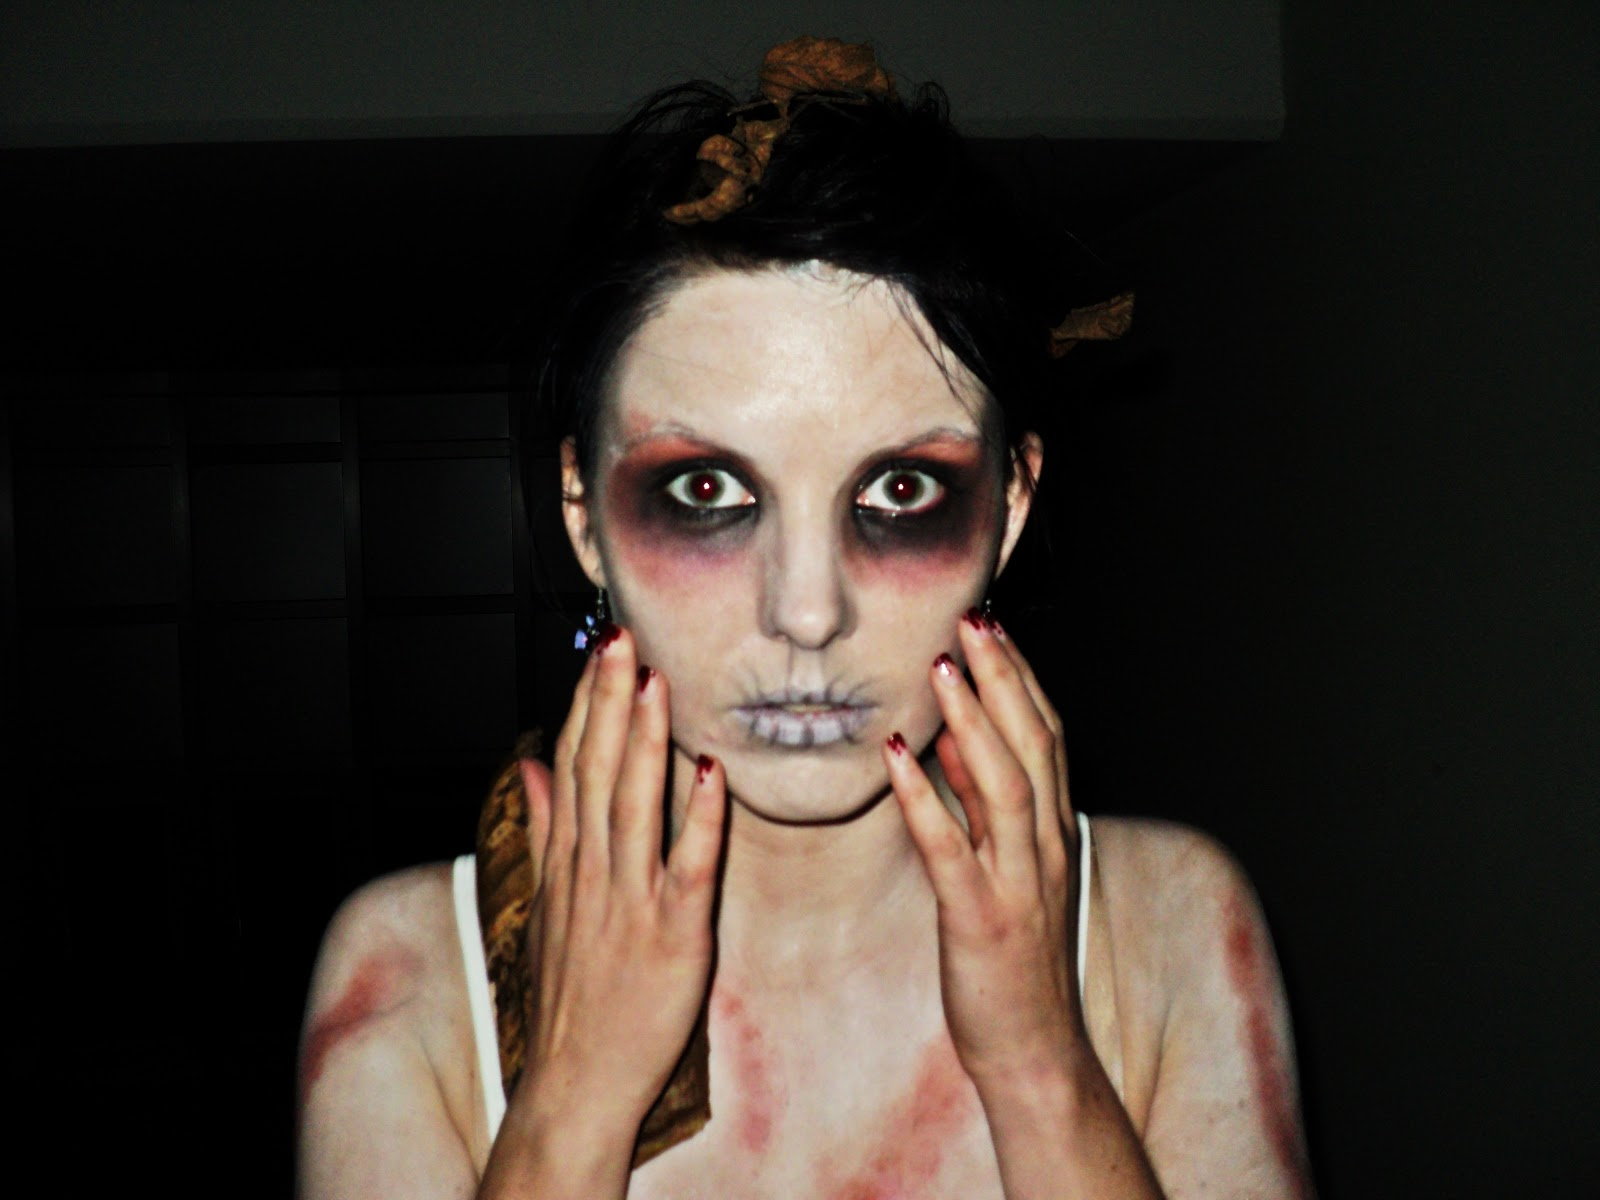 dead ballerina - Dead Ballerina Halloween Costume